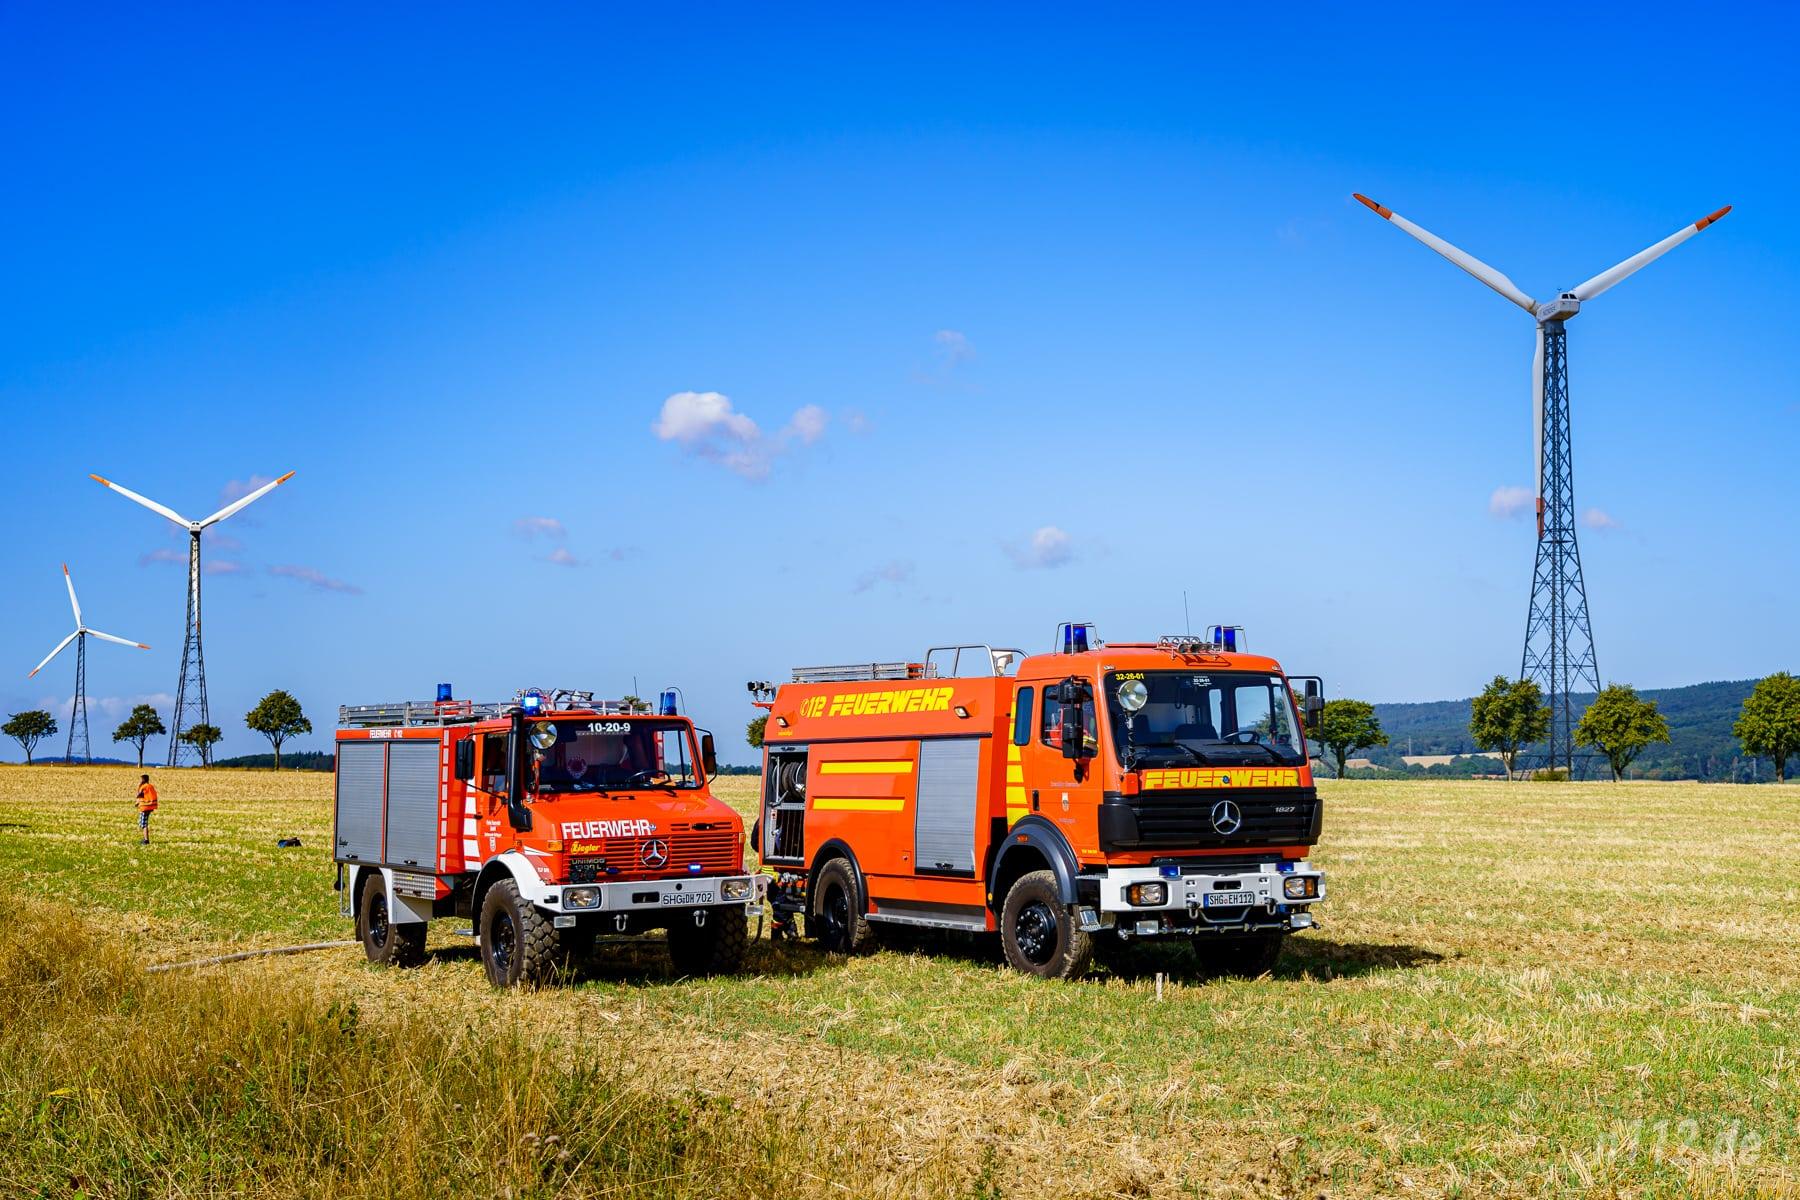 Das TLF 24/50 aus Stadhagen steht zusammen mit einem Fahrzeug aus Rolfshagen auf dem Feld neben der Brandstelle (Foto: n112.de/Stefan Simonsen)